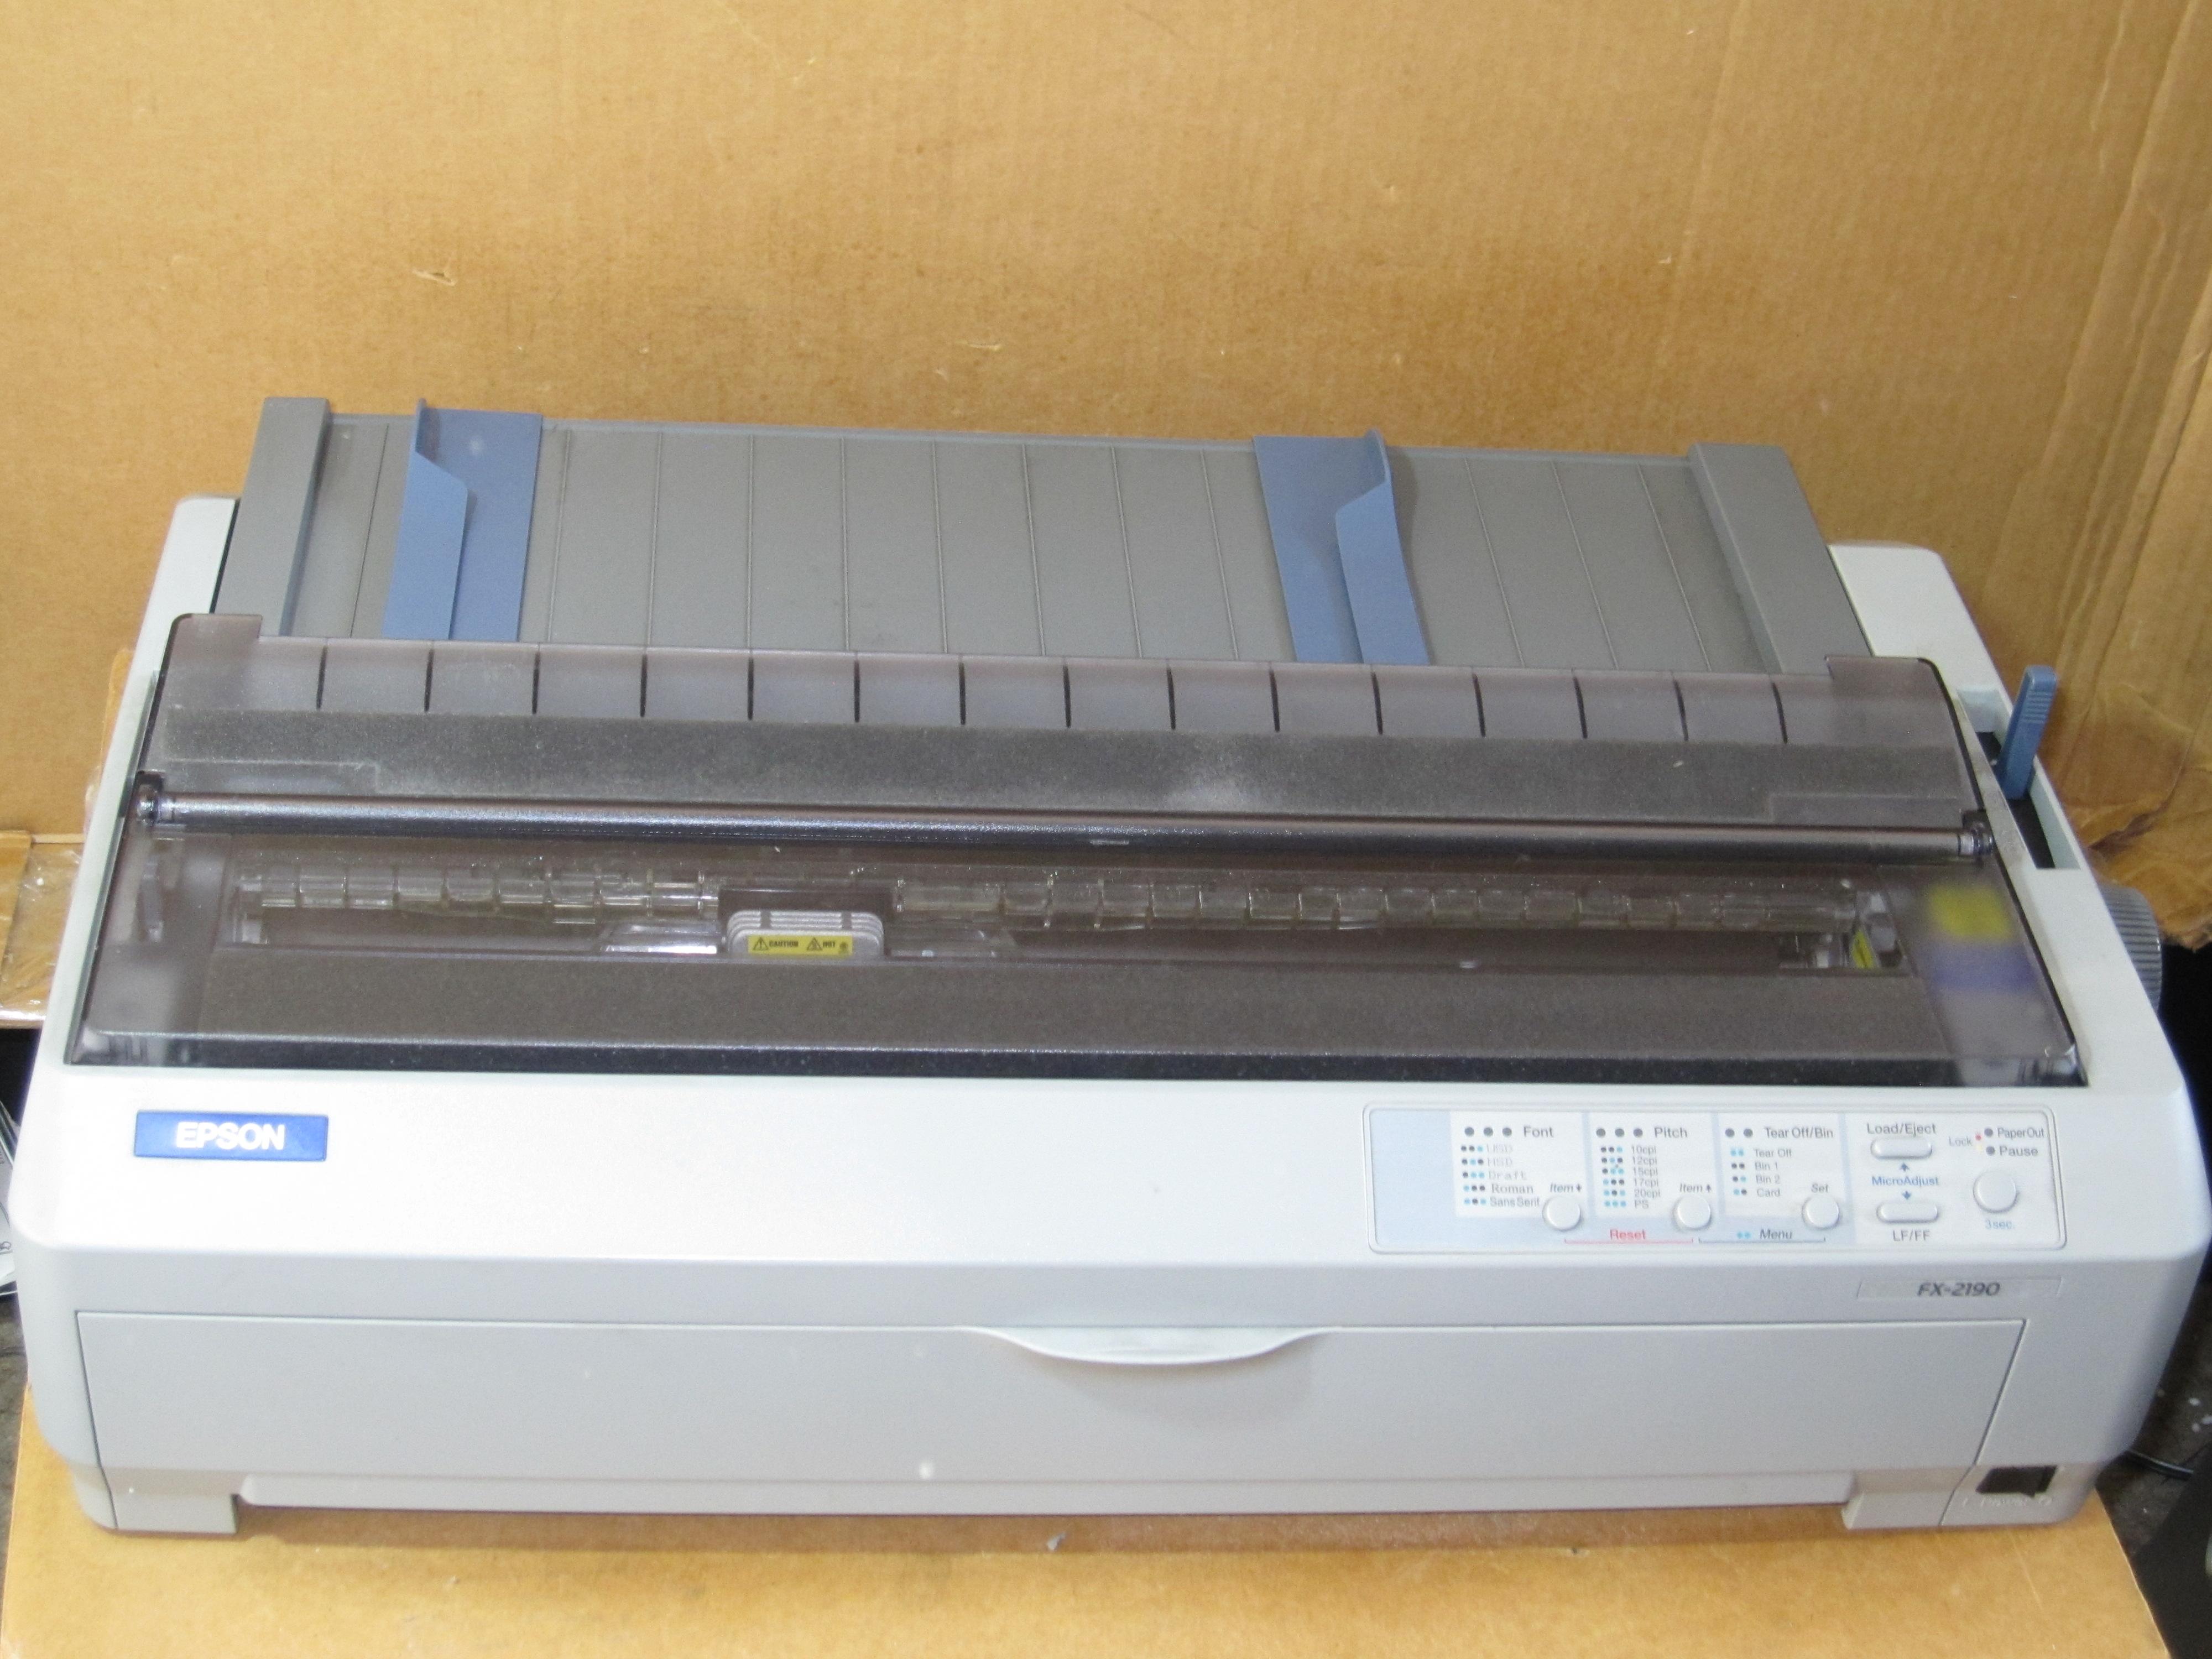 EPSON FX-2190N TREIBER WINDOWS 10